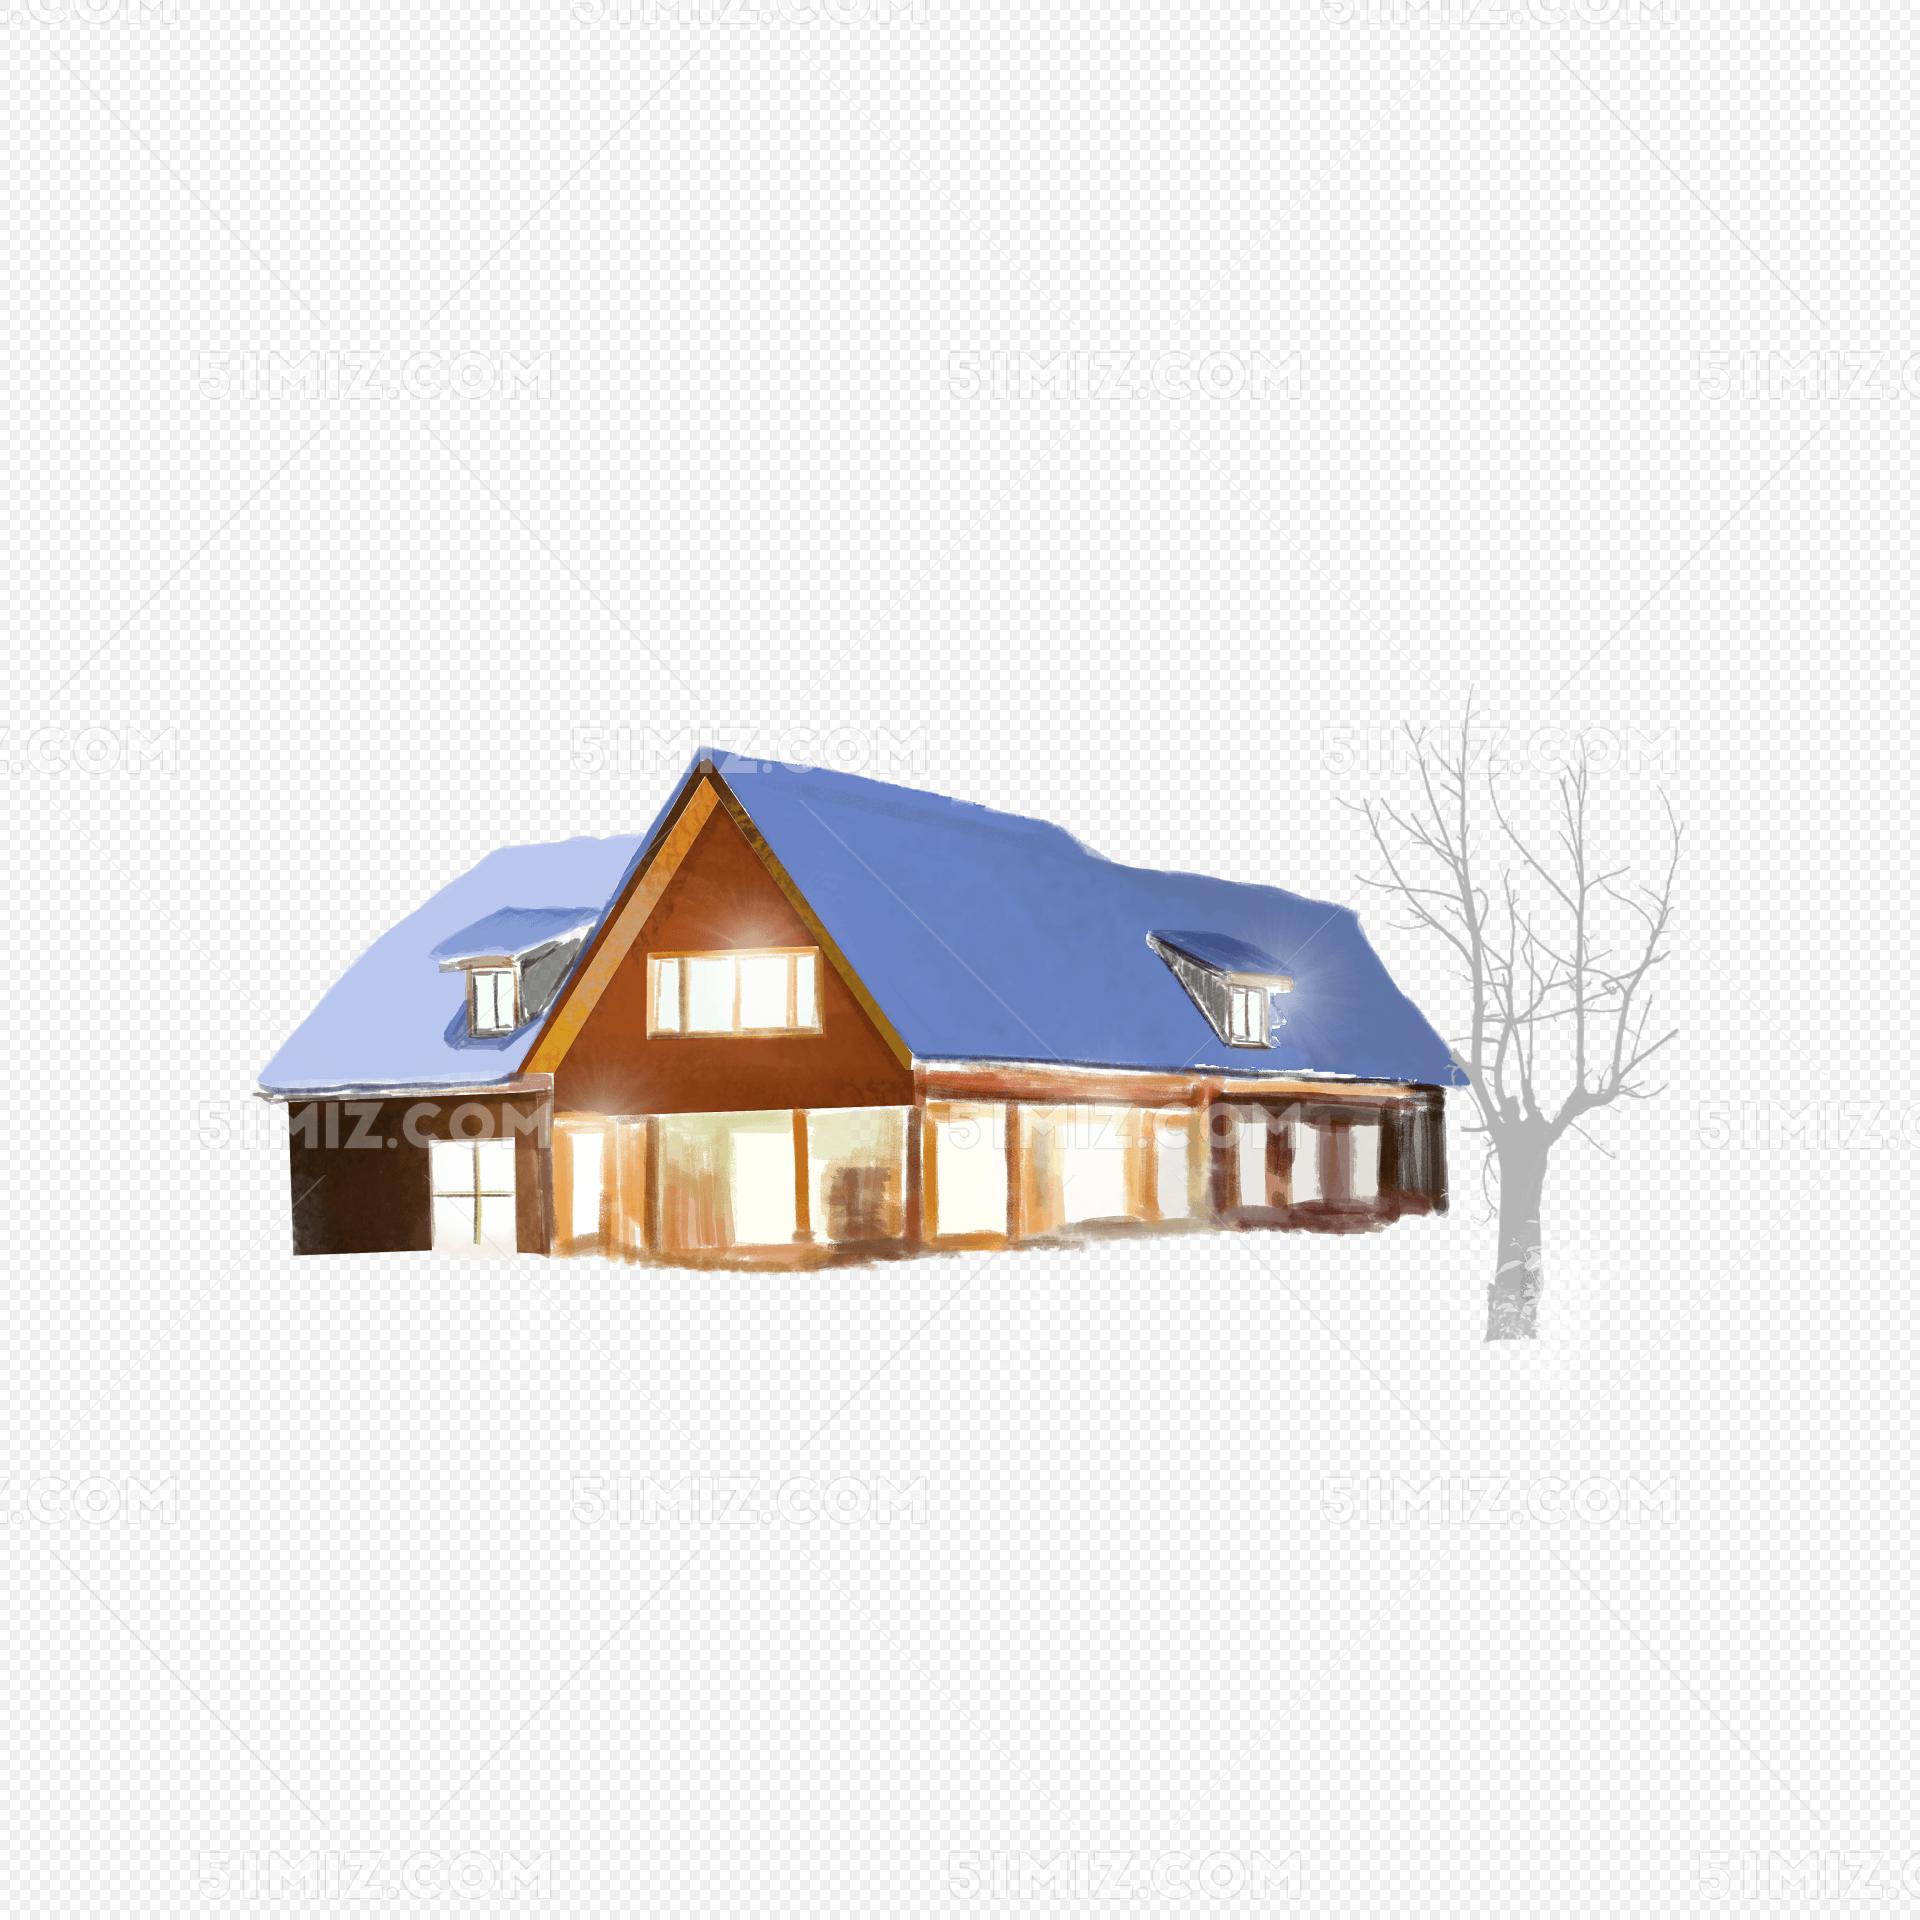 手绘雪景室外房子png装饰图